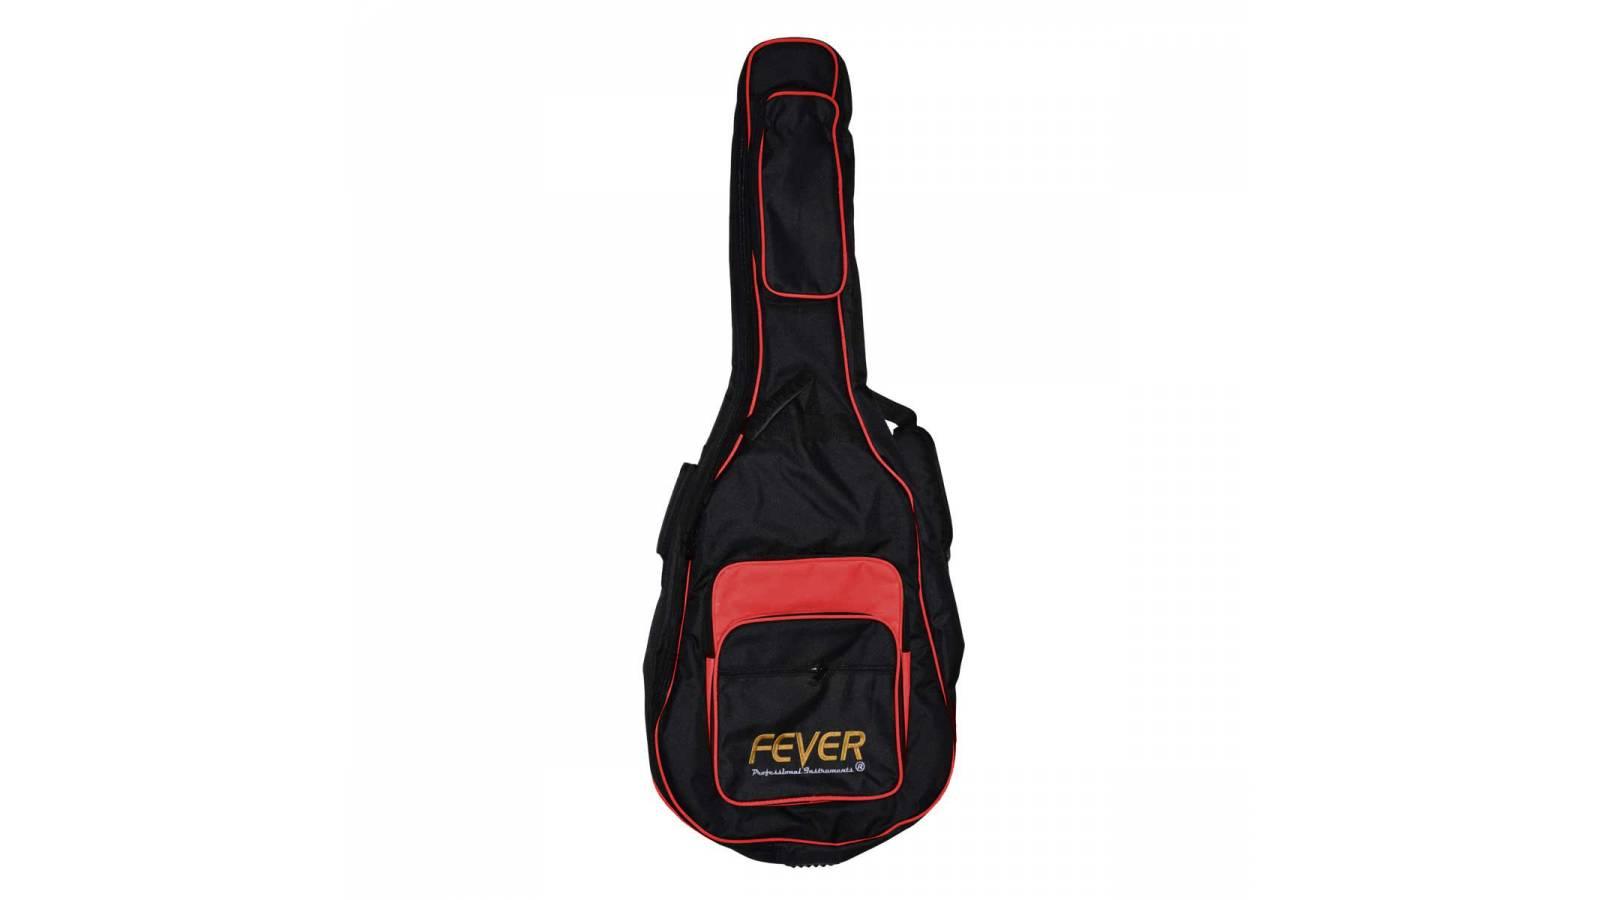 Funda Fever Reforzada para Guitarra Eléctrica Calidad A